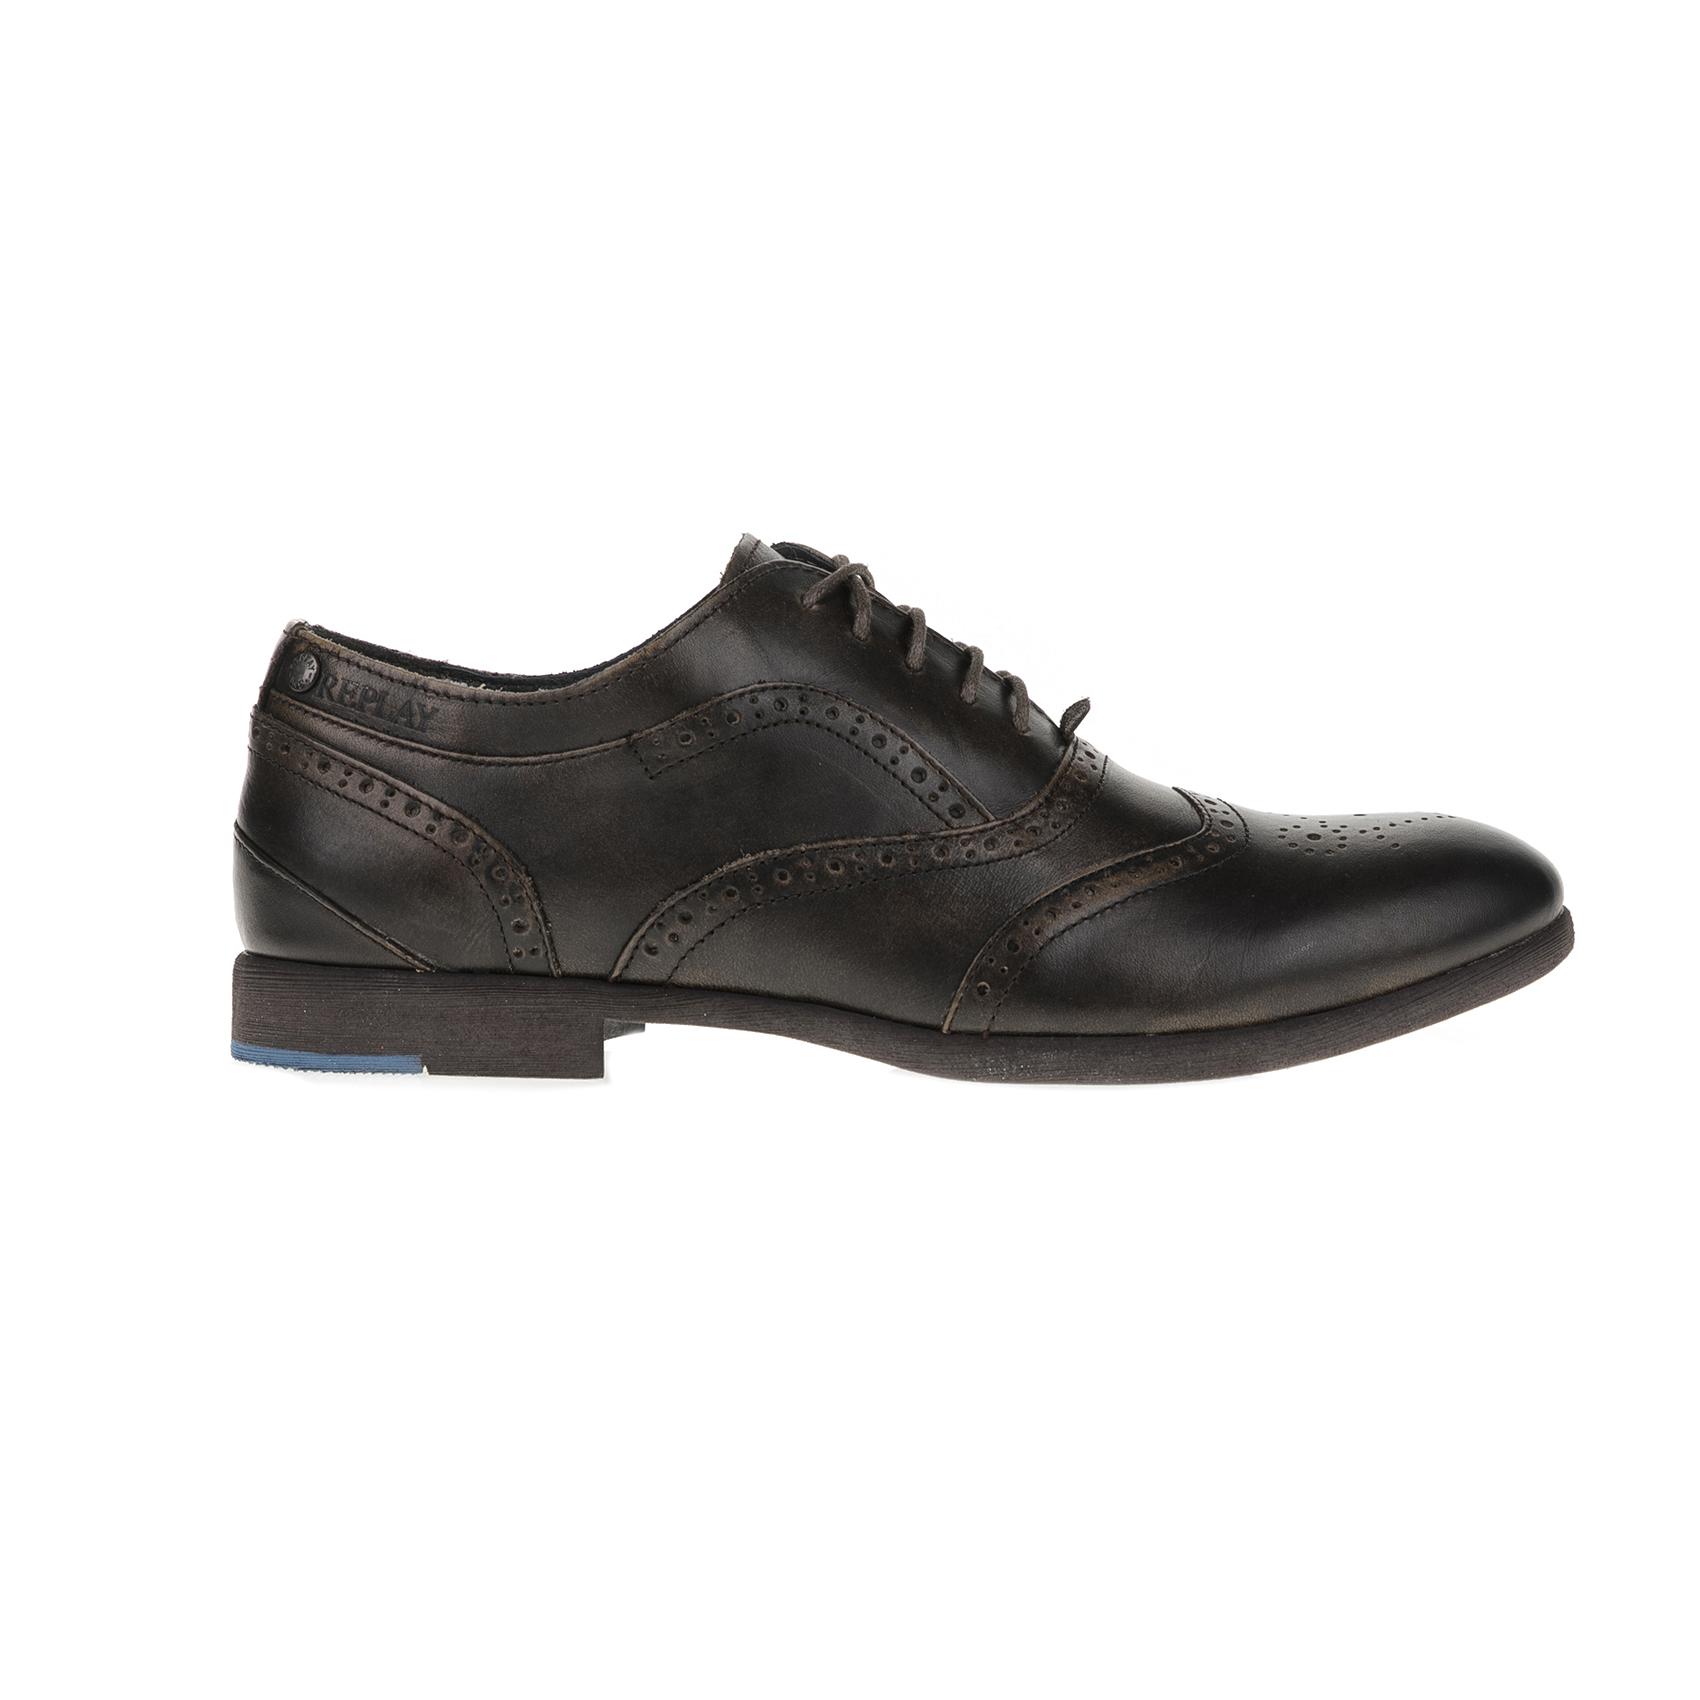 REPLAY – Ανδρικά παπούτσια REPLAY καφέ